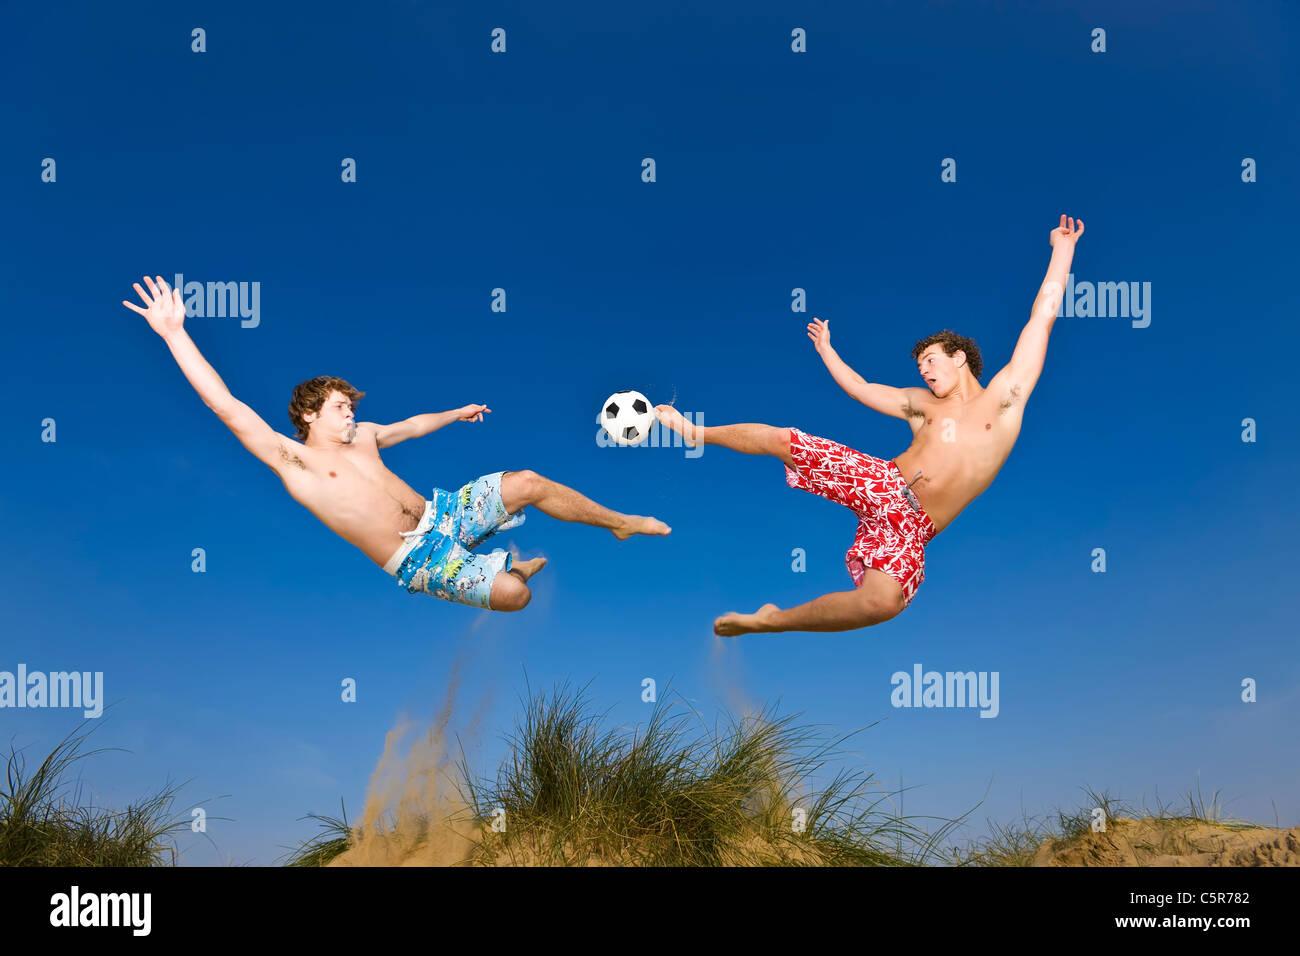 Due giocatori che giocano beach soccer competere per la palla. Immagini Stock